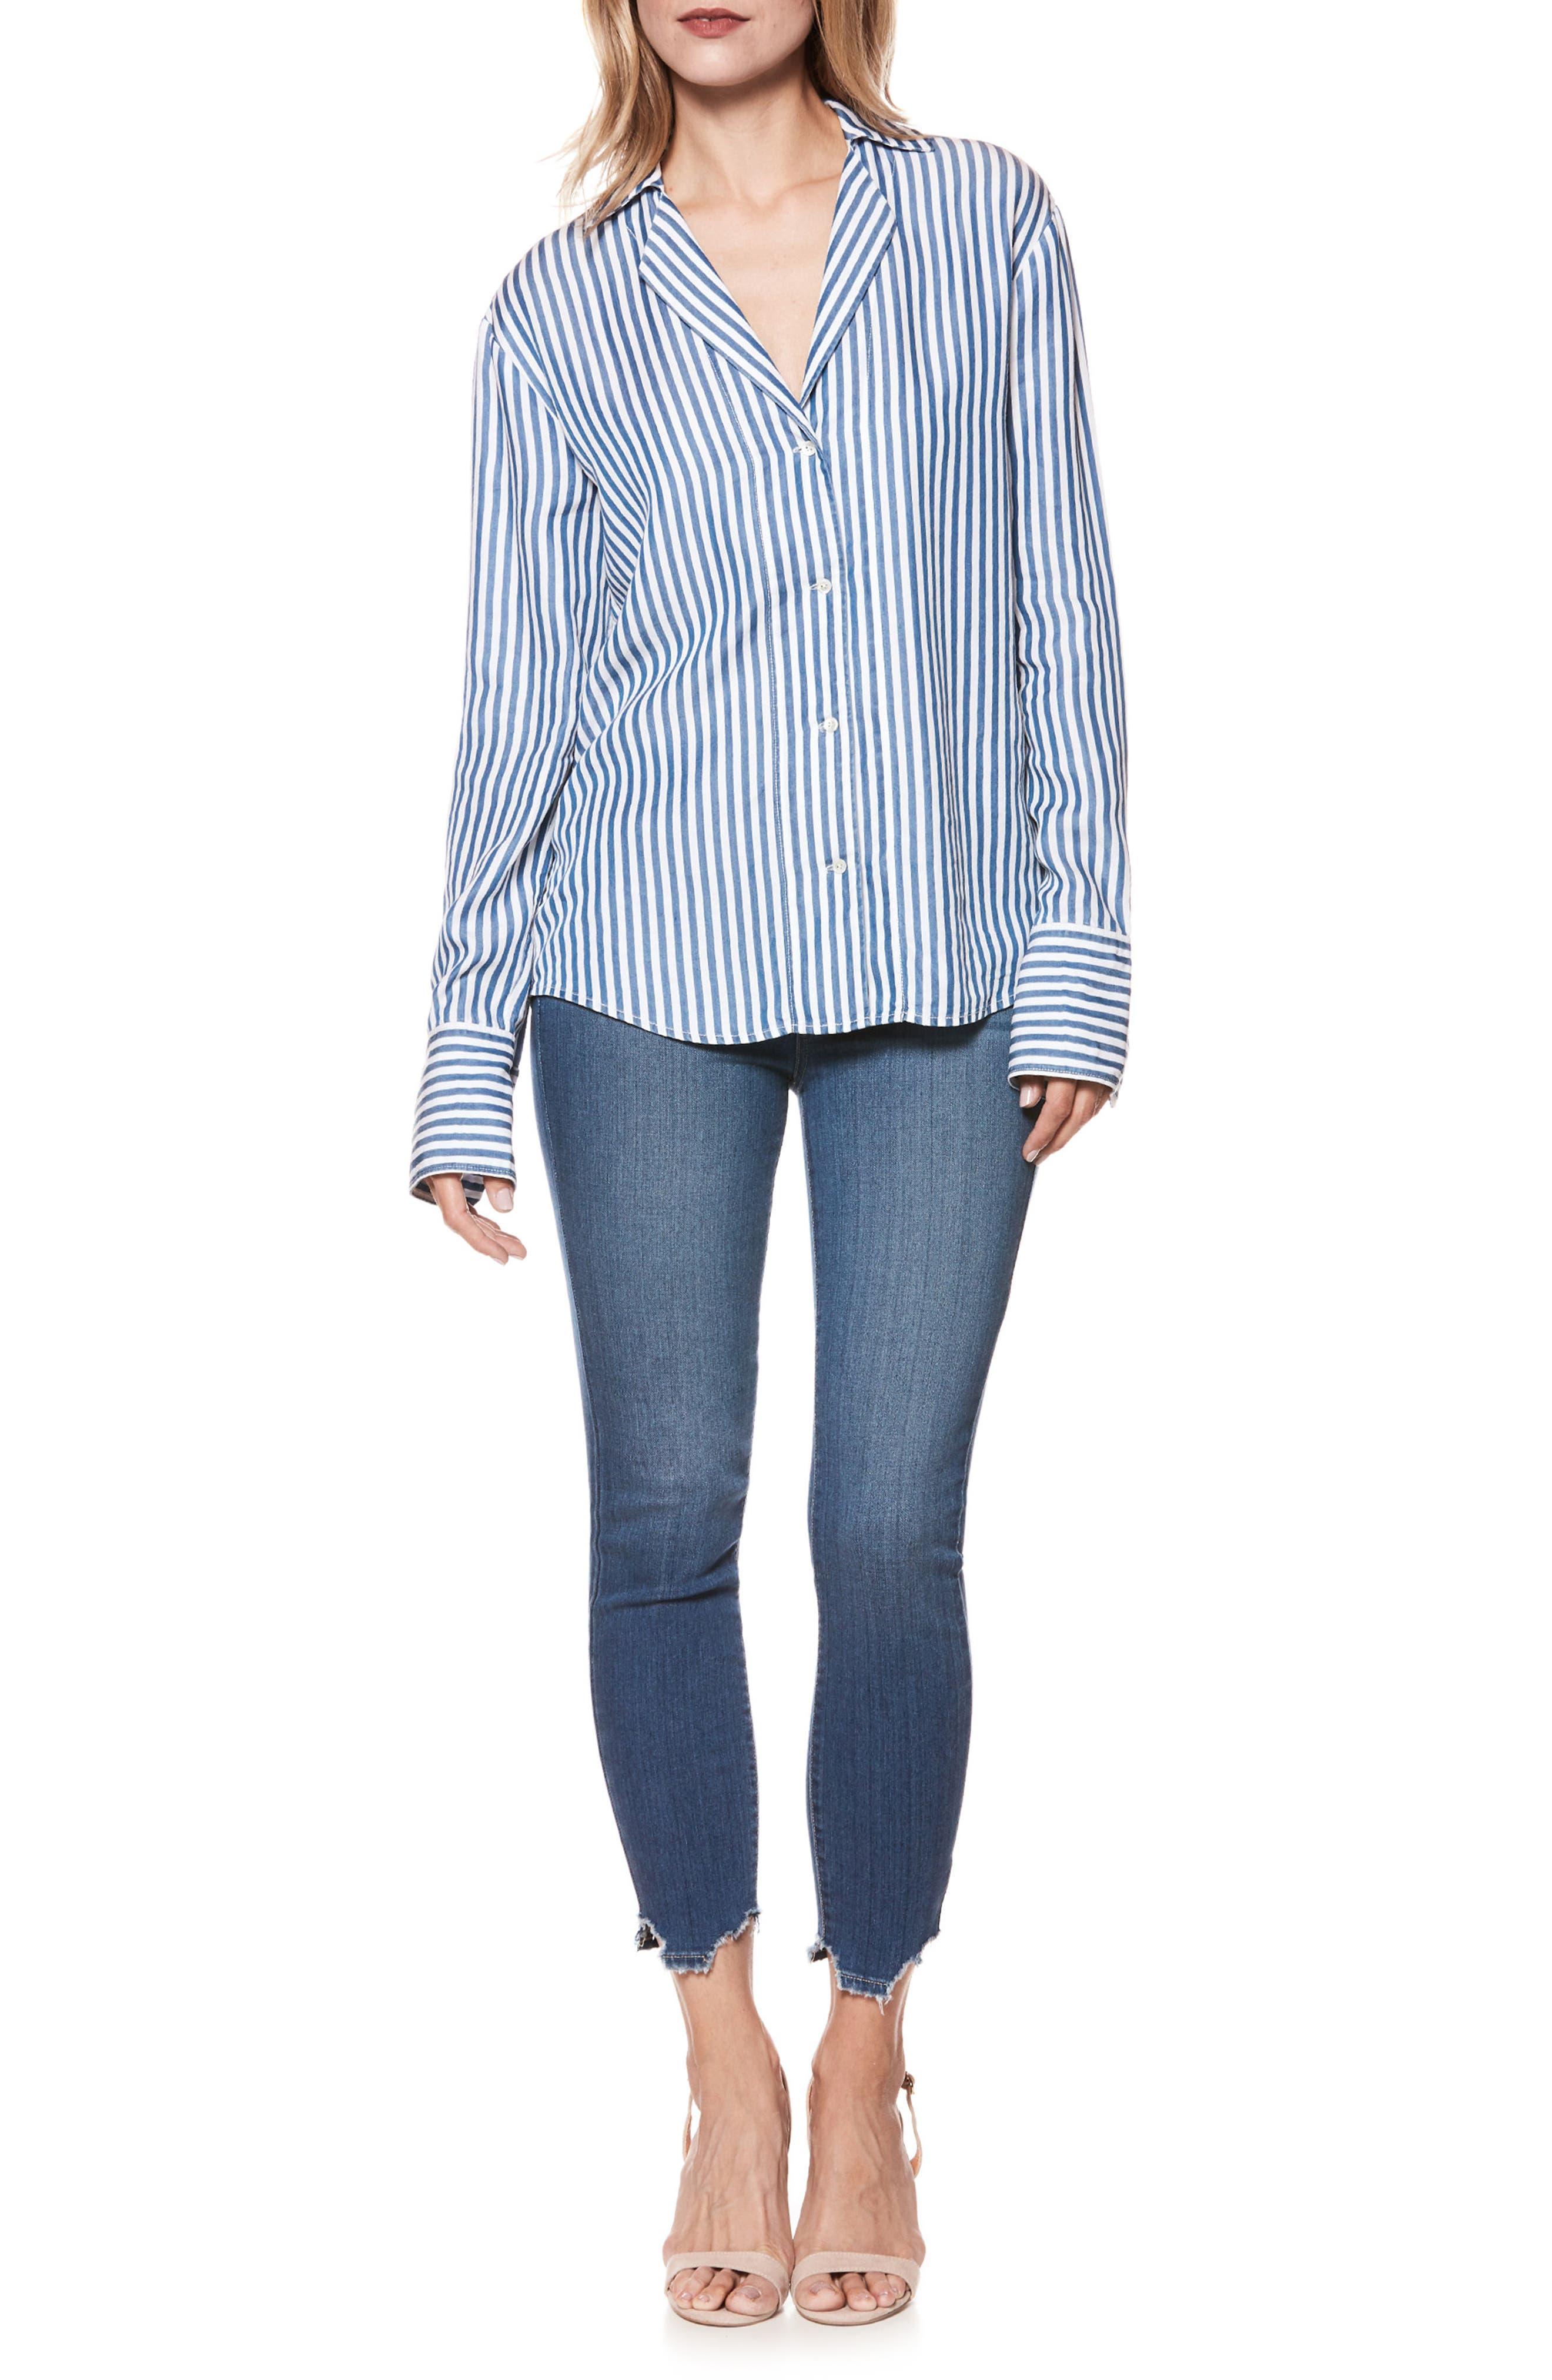 Elora Stripe Shirt,                             Alternate thumbnail 3, color,                             White/ Blue Bell Stripe